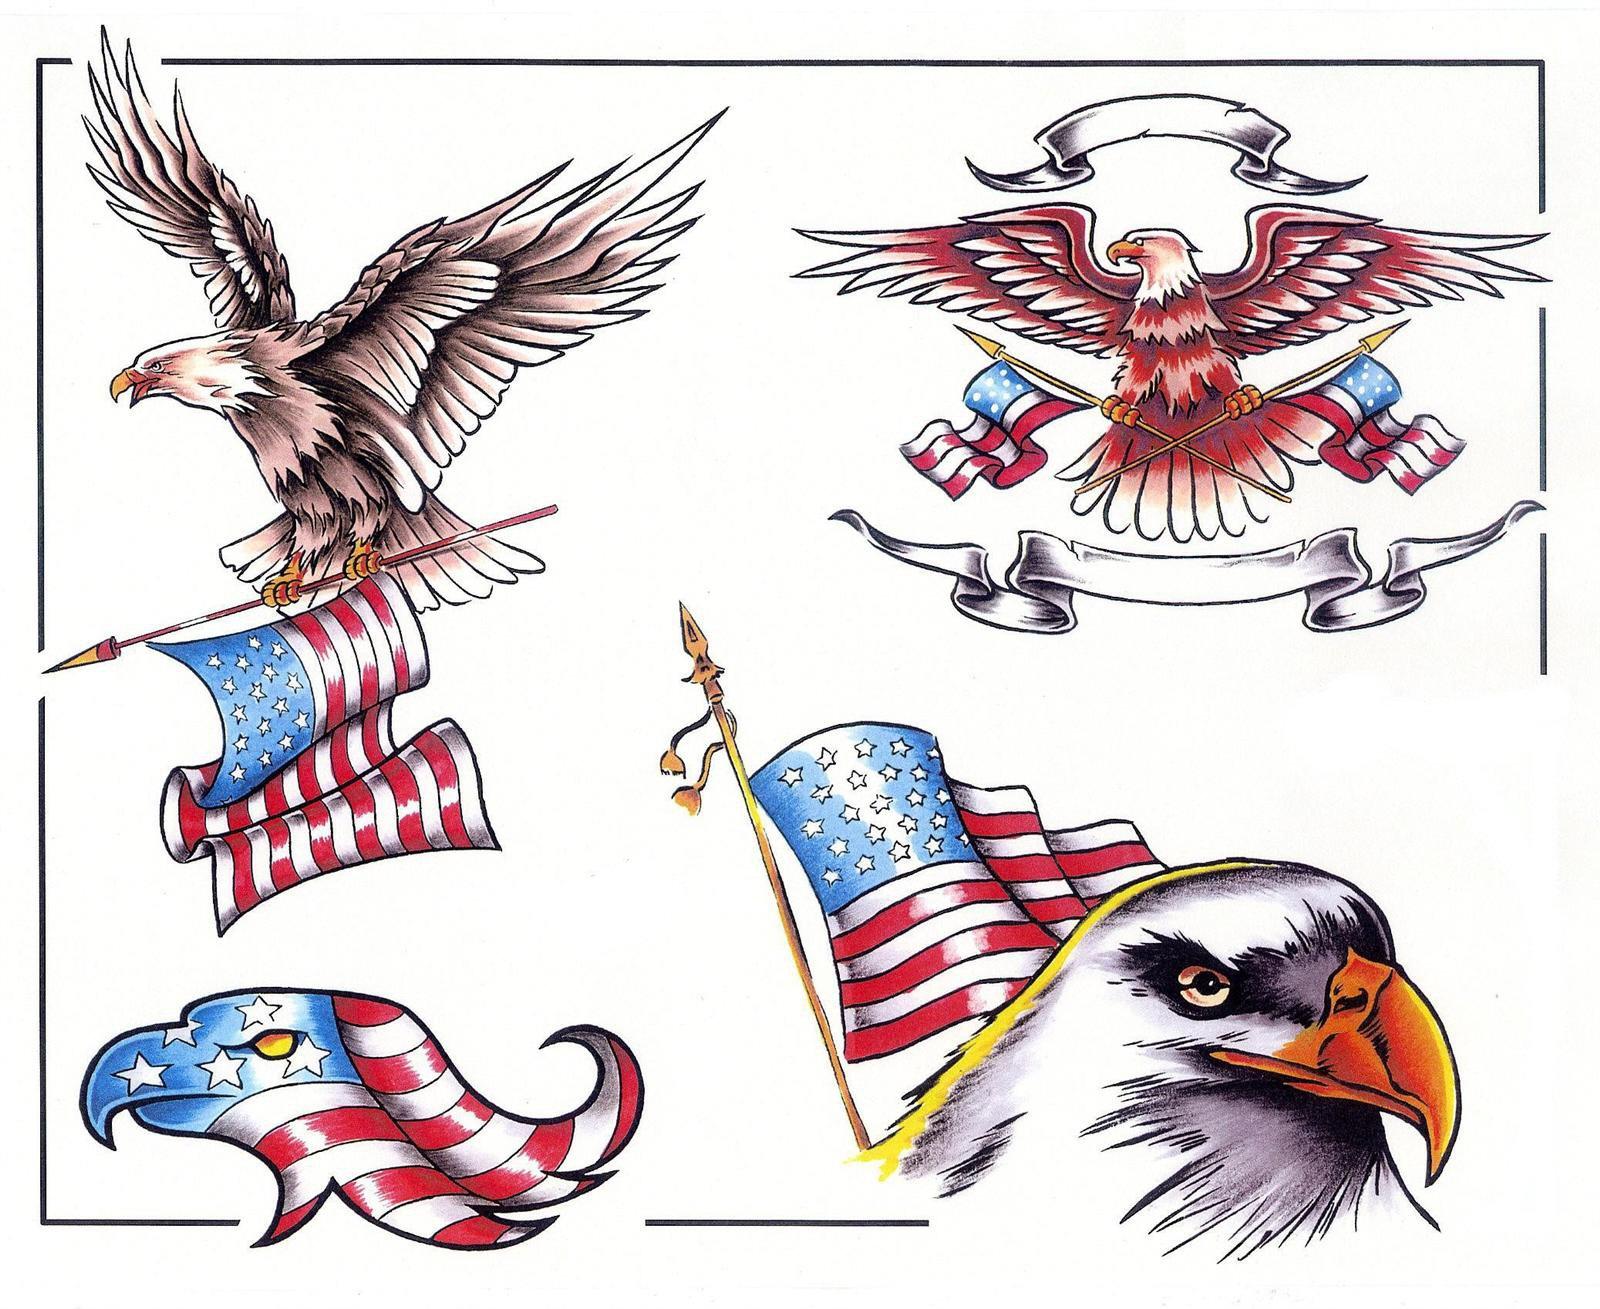 Vlajky / nacionální